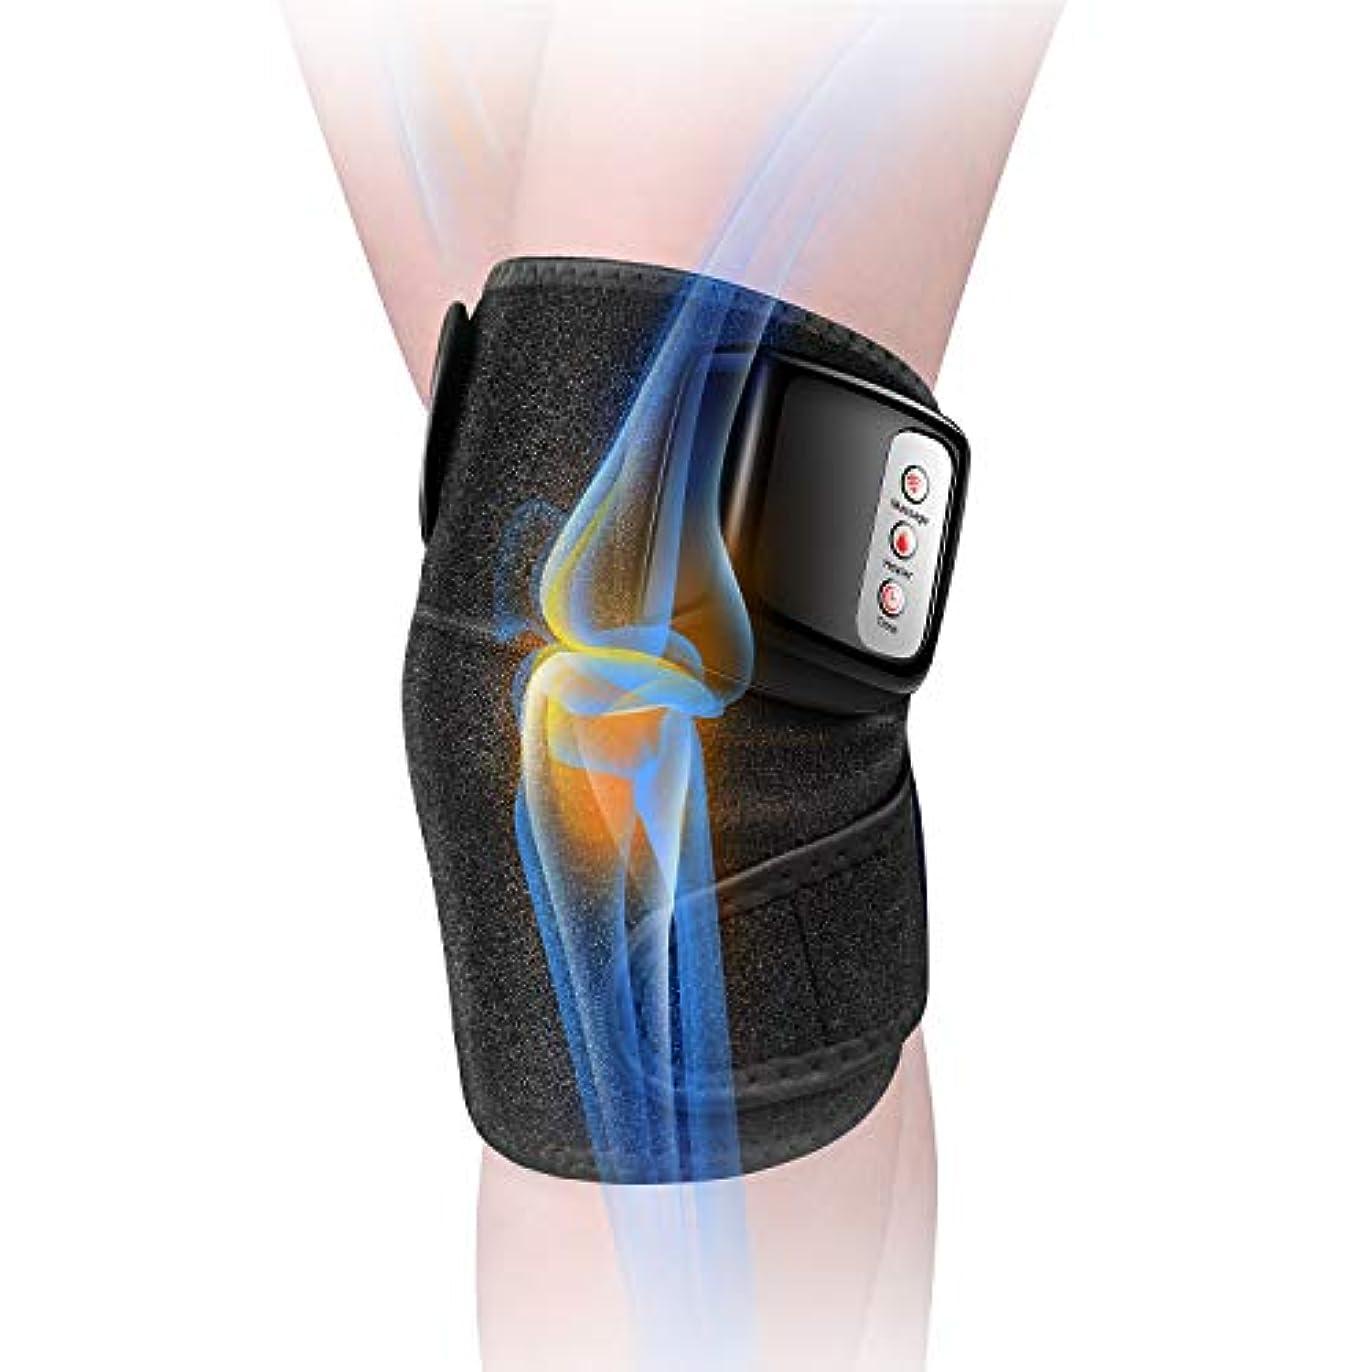 距離許される息を切らして膝マッサージャー 関節マッサージャー マッサージ器 フットマッサージャー 振動 赤外線療法 温熱療法 膝サポーター ストレス解消 肩 太もも/腕対応